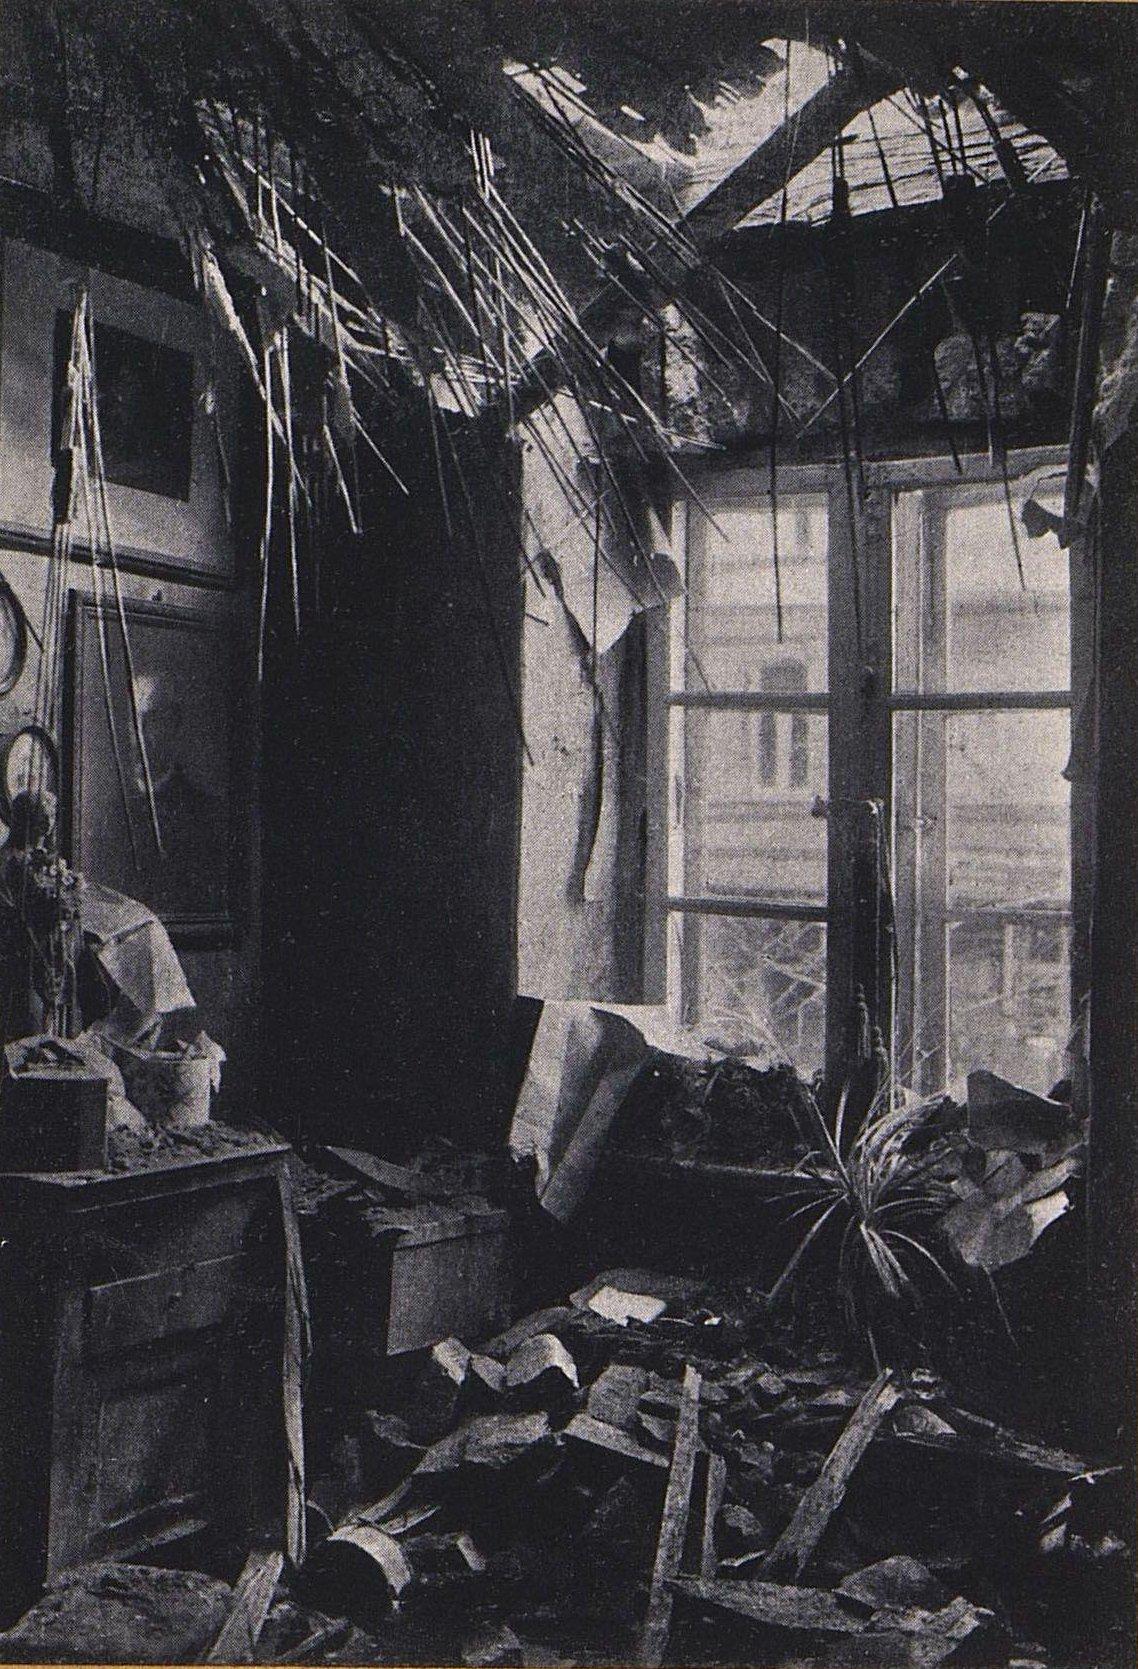 28.  Внутренний вид дома на Холодной ул. в Варшаве, куда упала бомба, брошенная с немецкого аэроплана